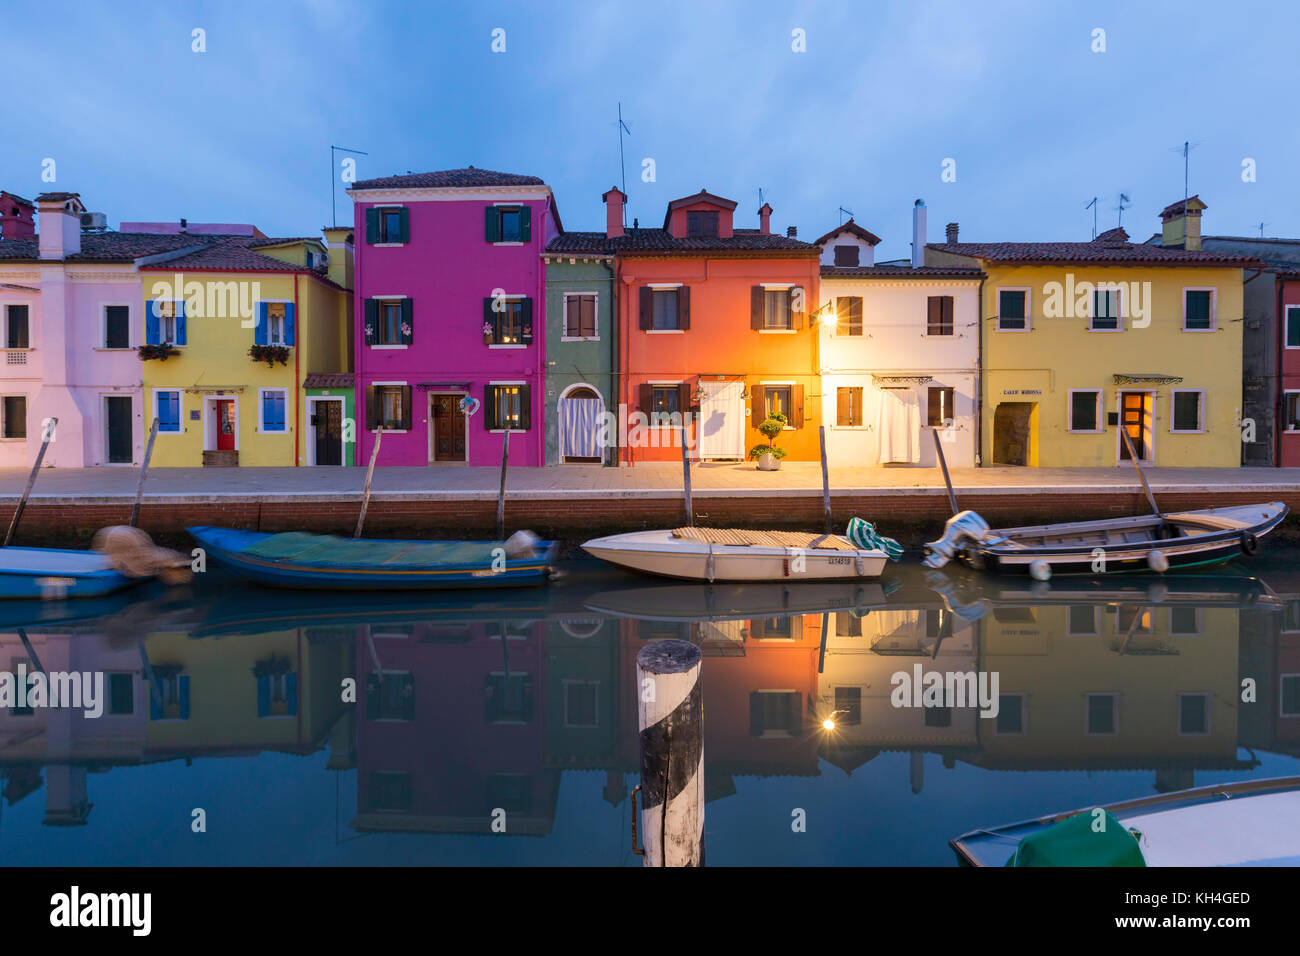 Fischer Häuser und kleine Boote auf dem Kanal auf der Fondamenta della Pescheria, Burano in der Lagune von Venedig Stockfoto